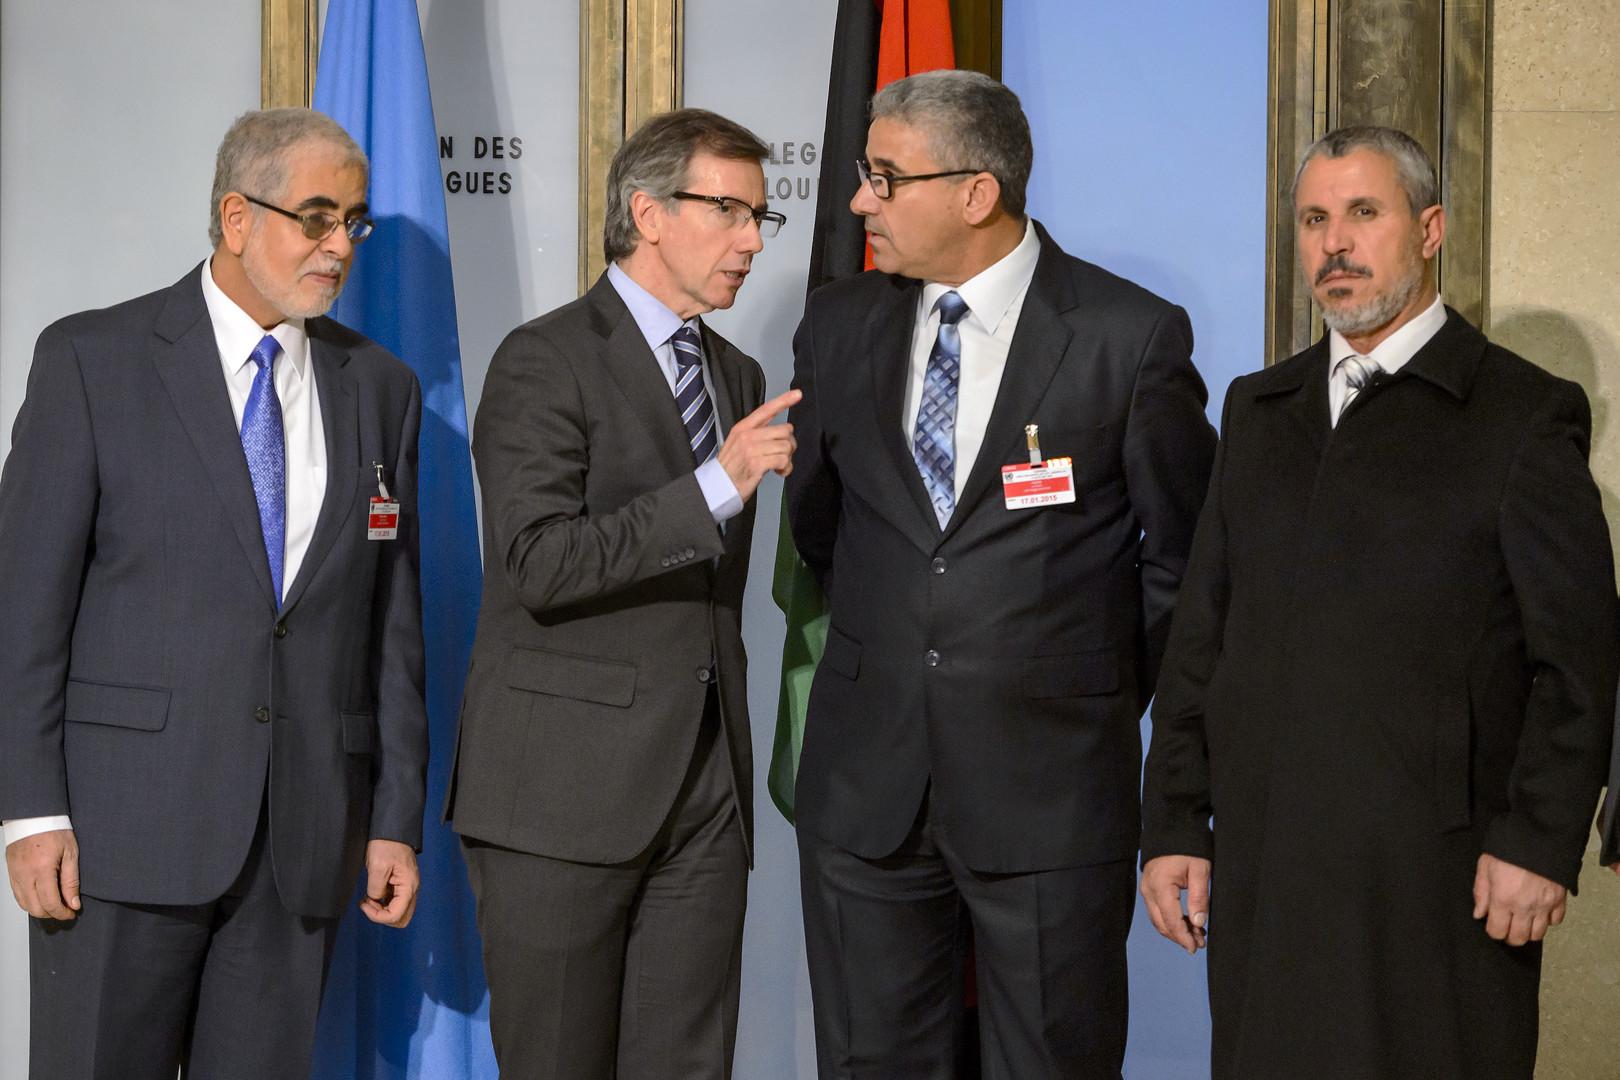 ليون: الحوار بين الفرقاء الليبيين في جنيف سيتواصل